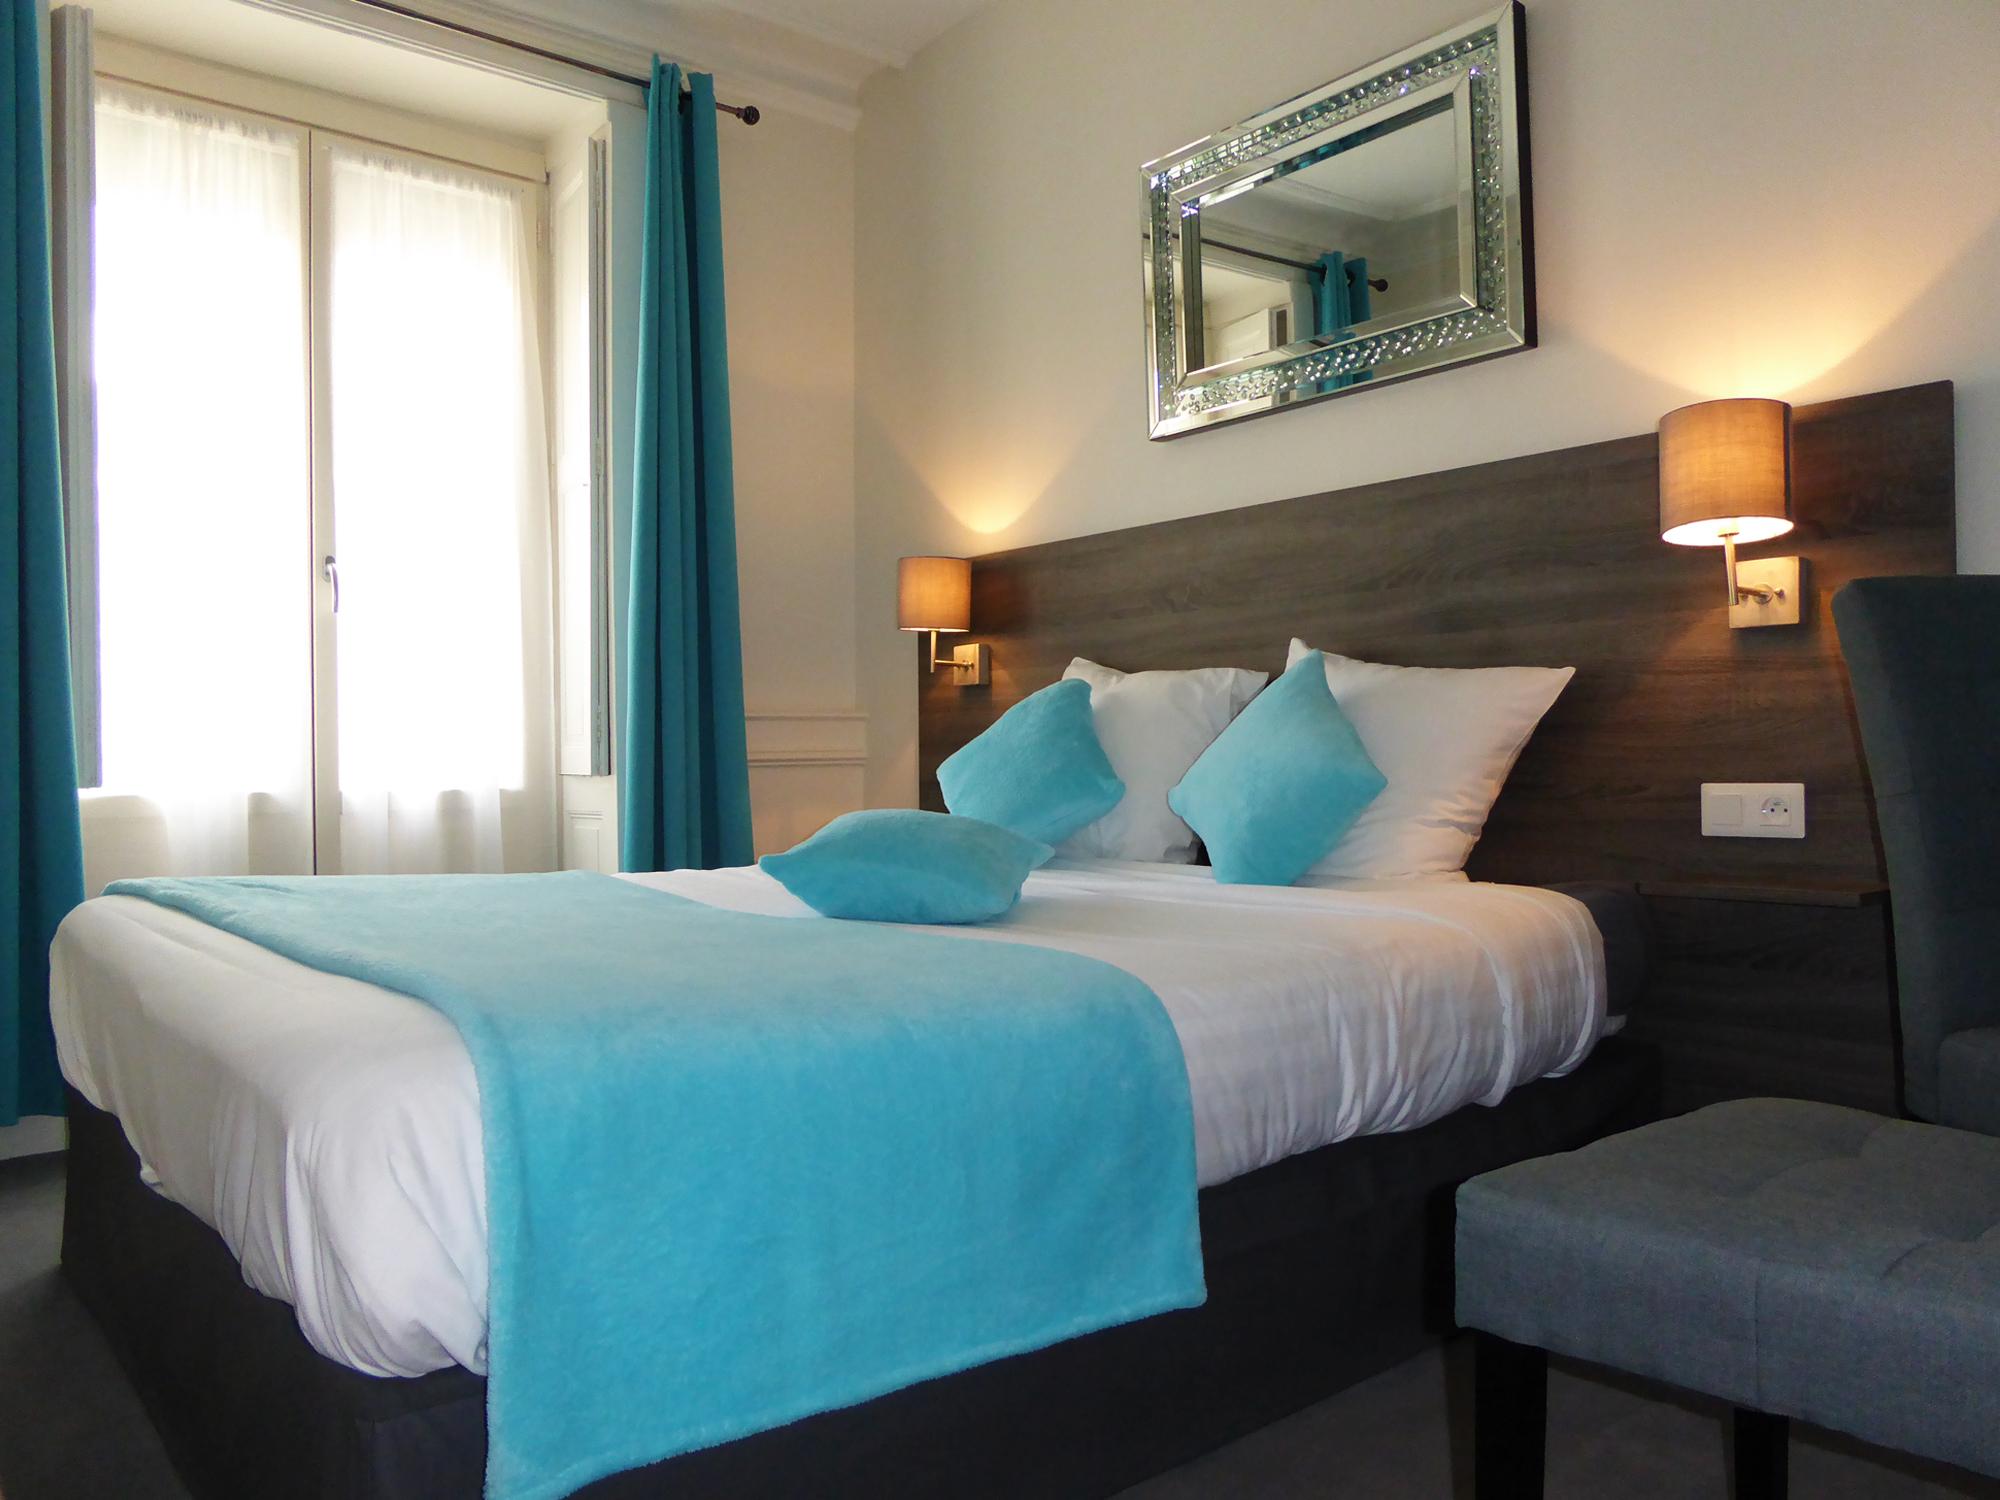 Chambre-double-hôtel-rennes